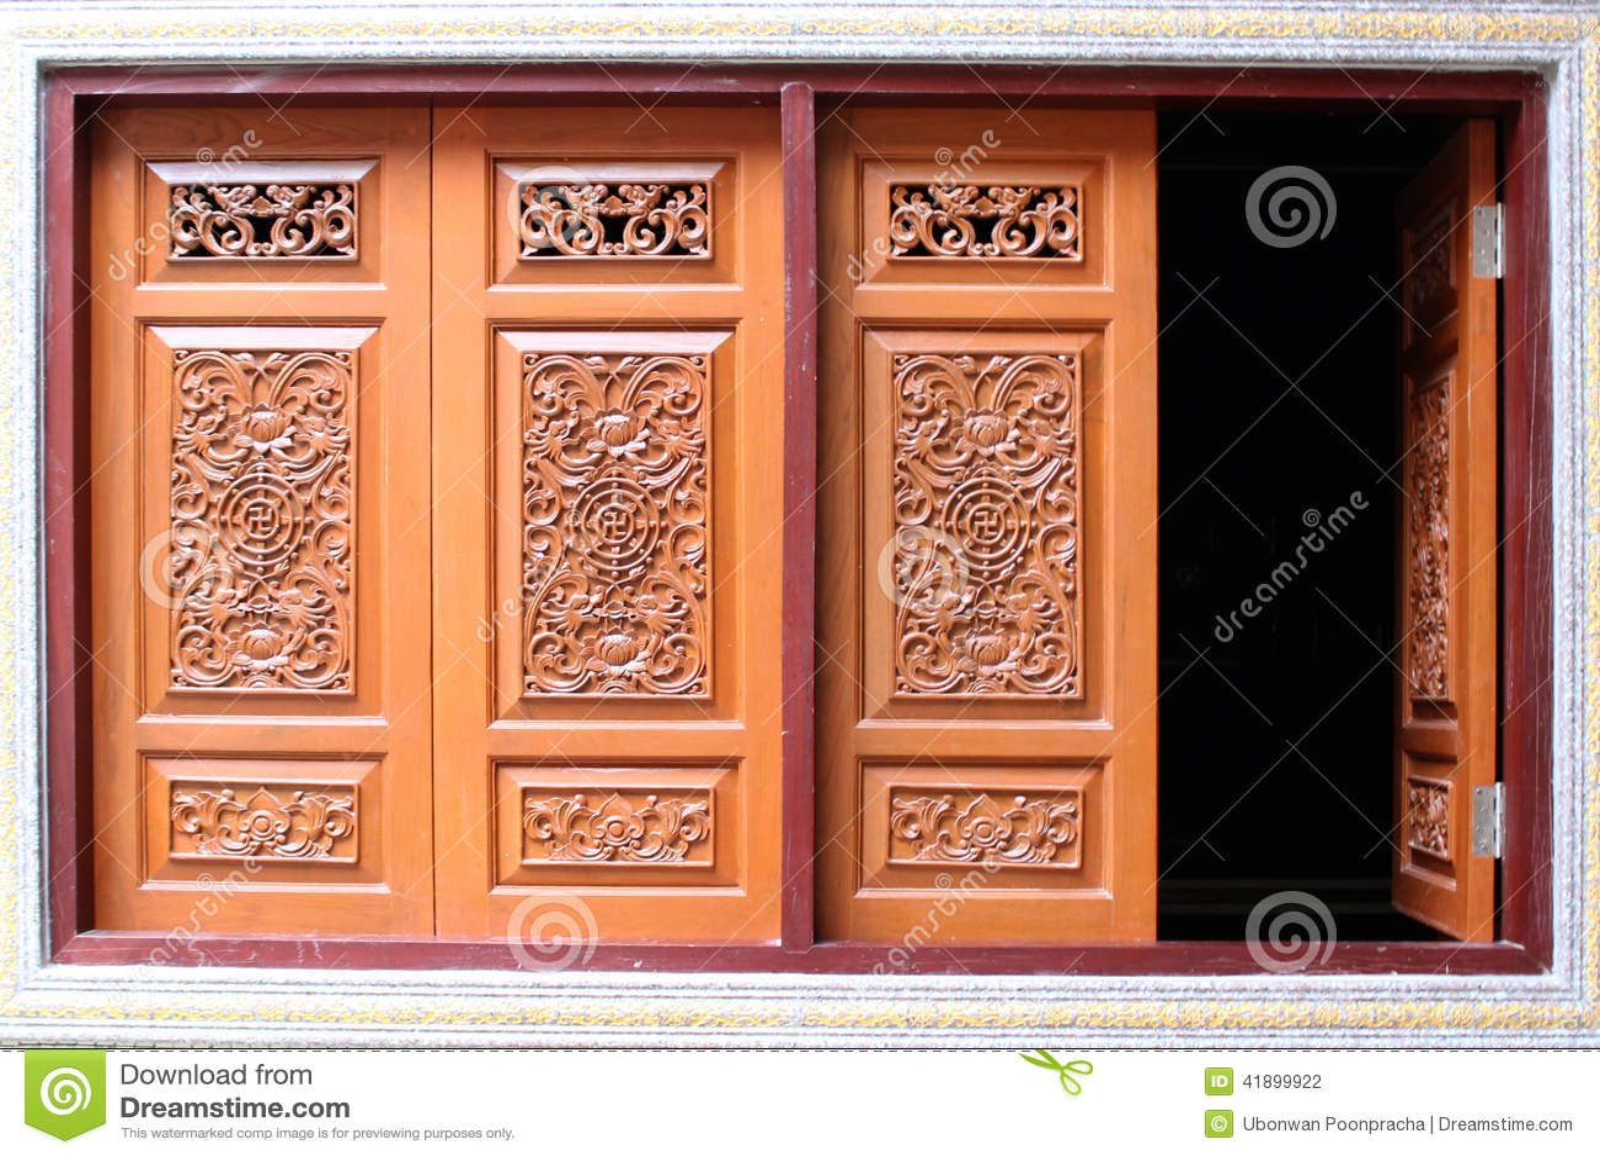 Παράθυρο ξύλινο που χαράζει του σπιτιού, κινεζικό ύφος στην Ταϊλάνδη